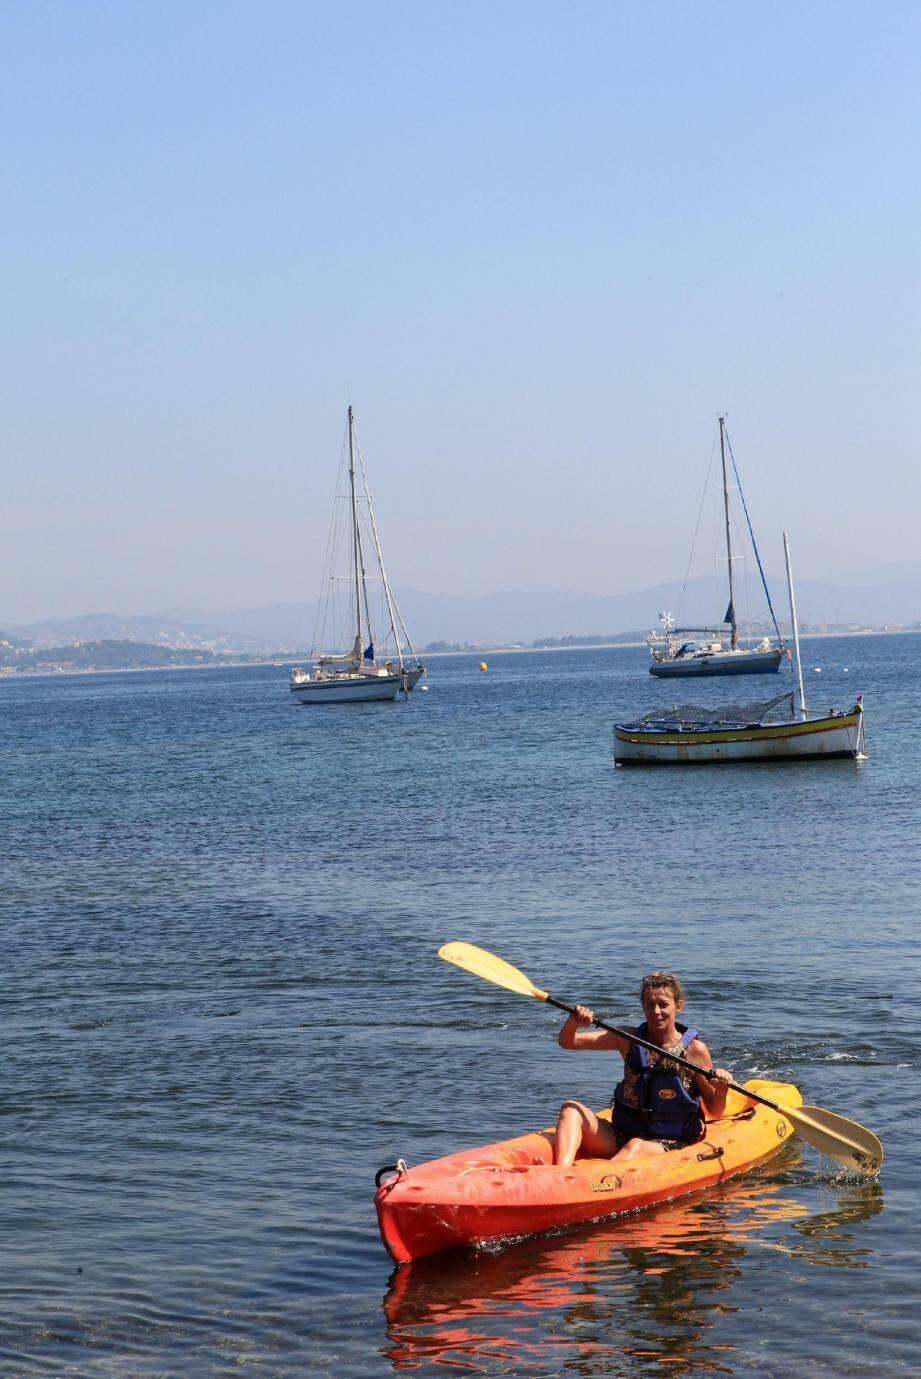 Facile à manier, léger et stable, le kayak de mer permet d'aborder la presqu'île, seul ou en famille, sous un angle inédit pour des ballades inoubliables.